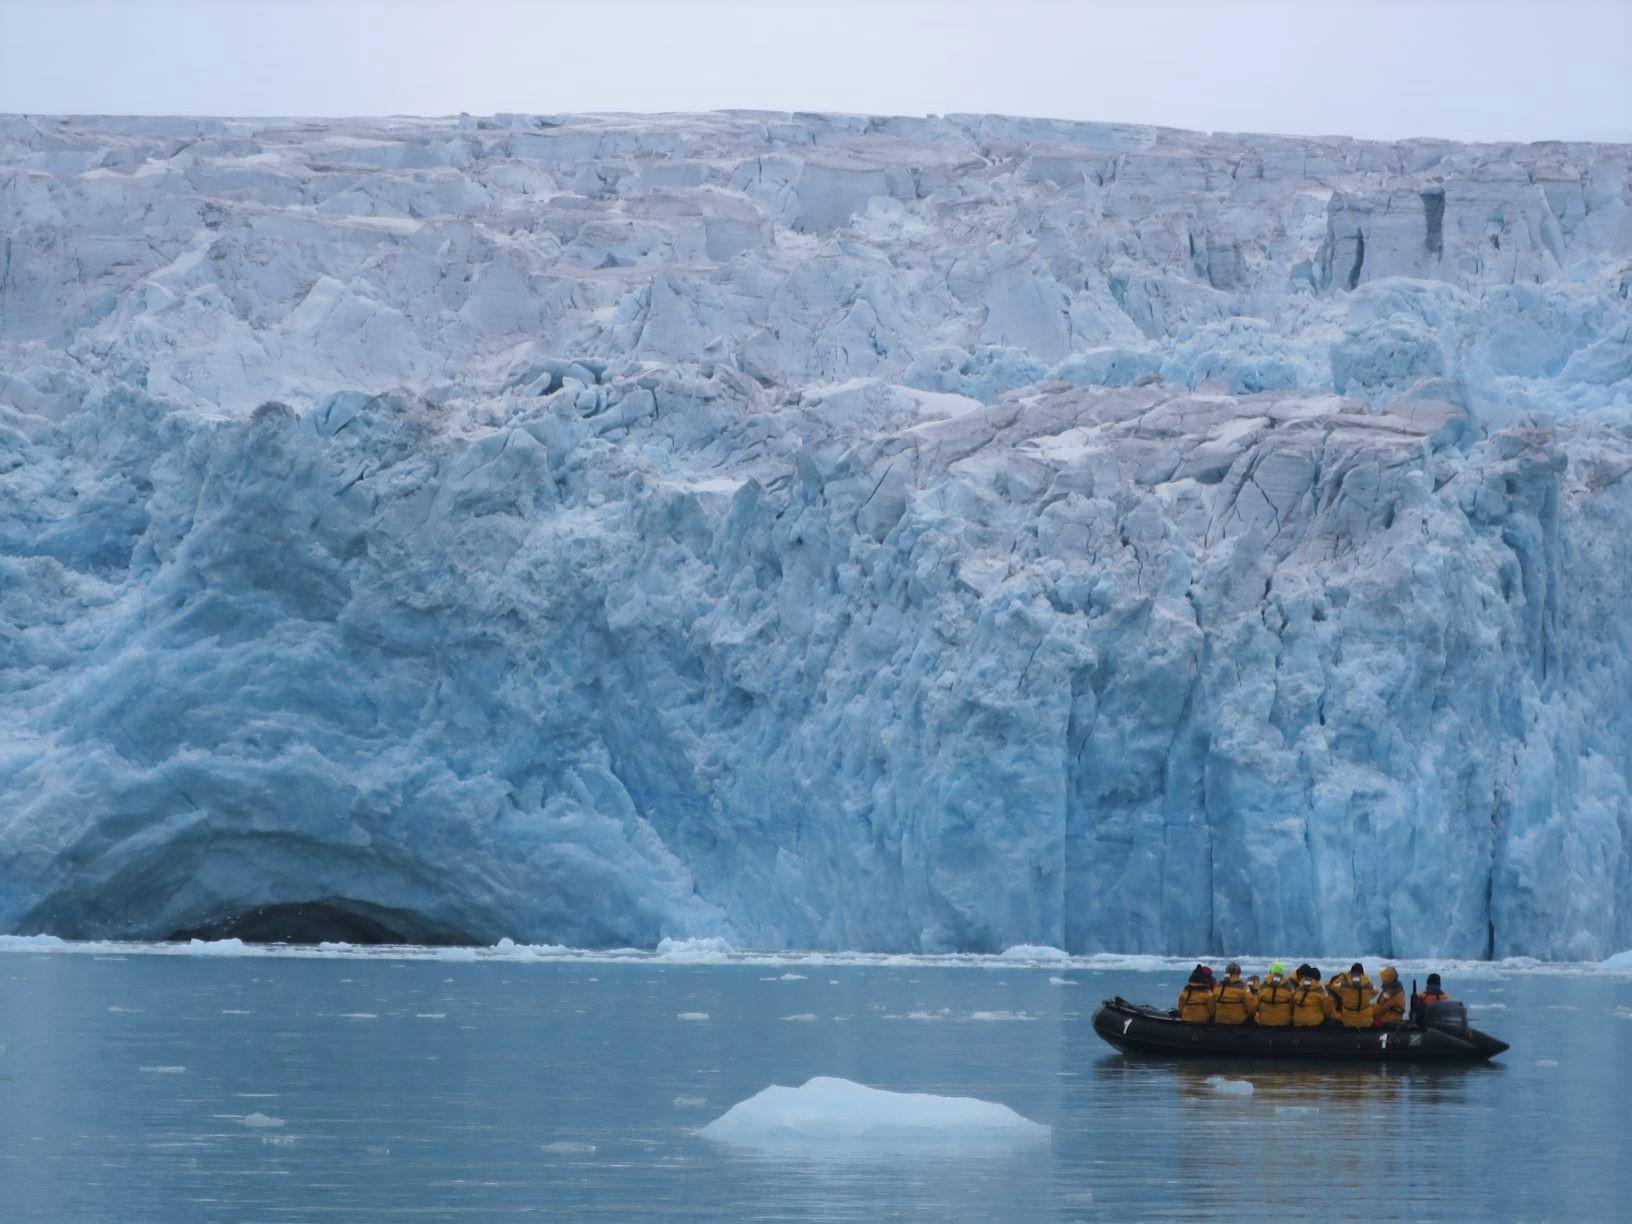 ゾディアックボートで氷河の舌端に接近